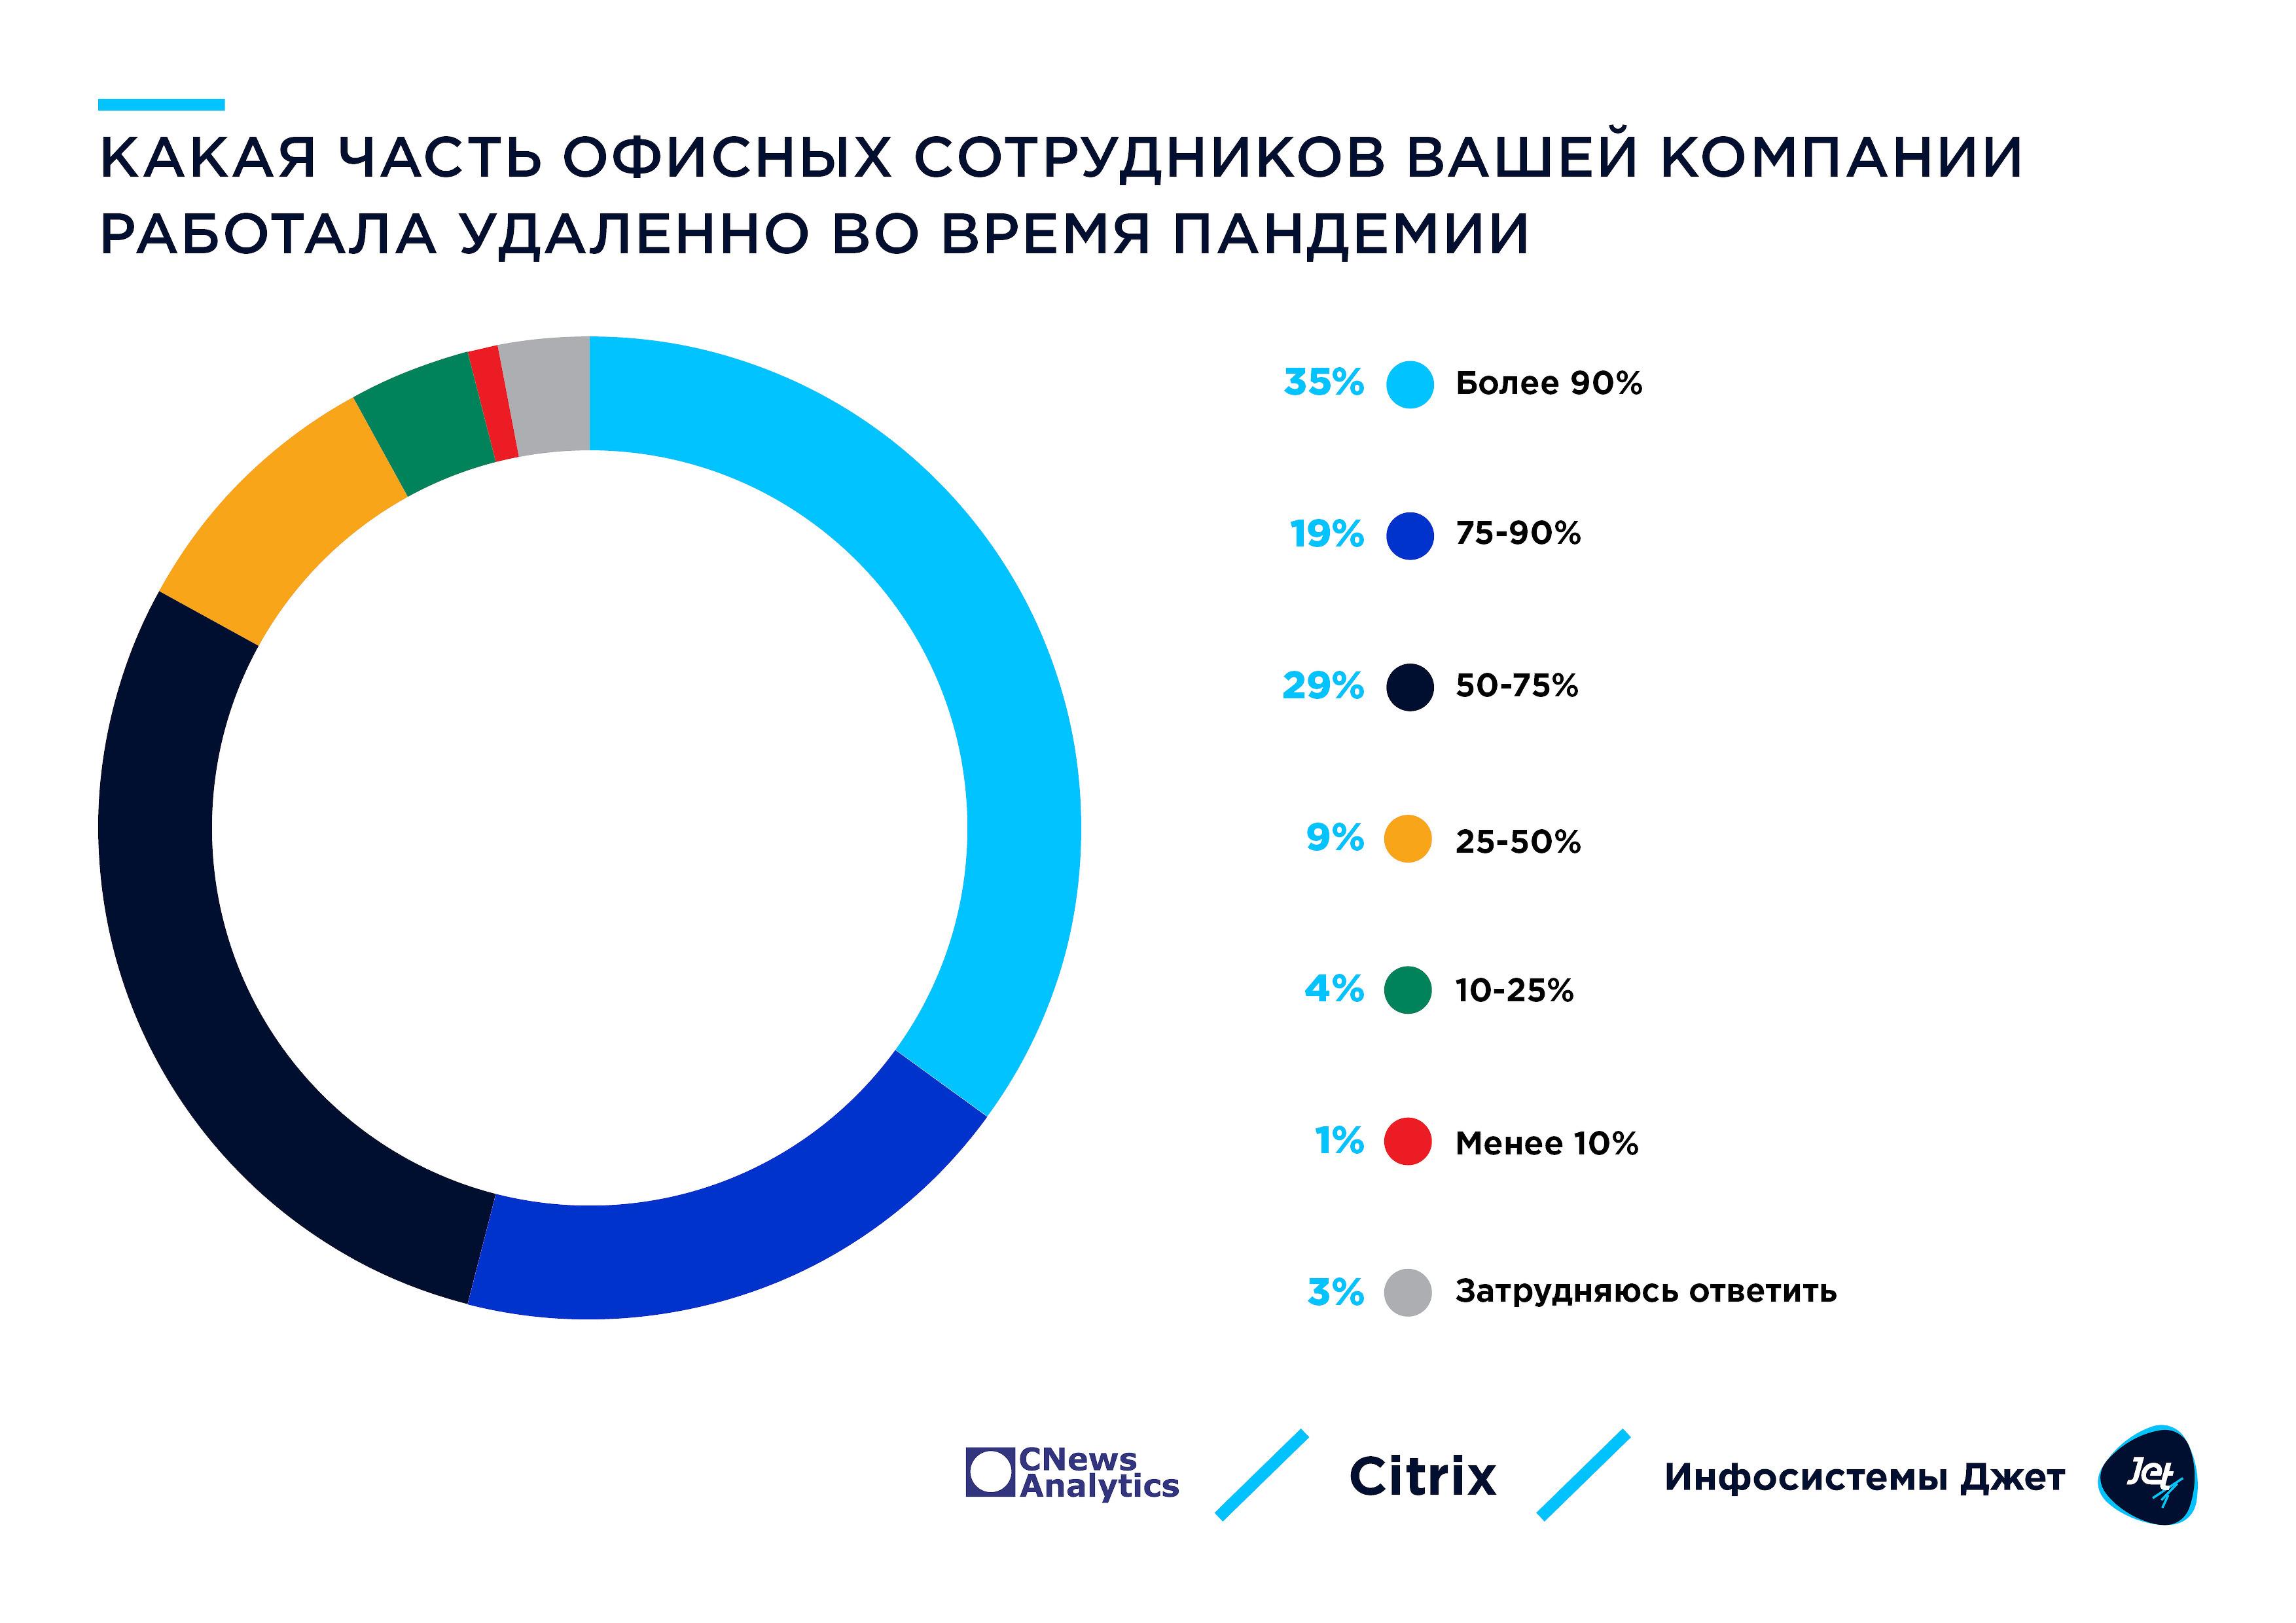 1_dolya_sotrudnikov_na_udalennoj_rabote.jpg